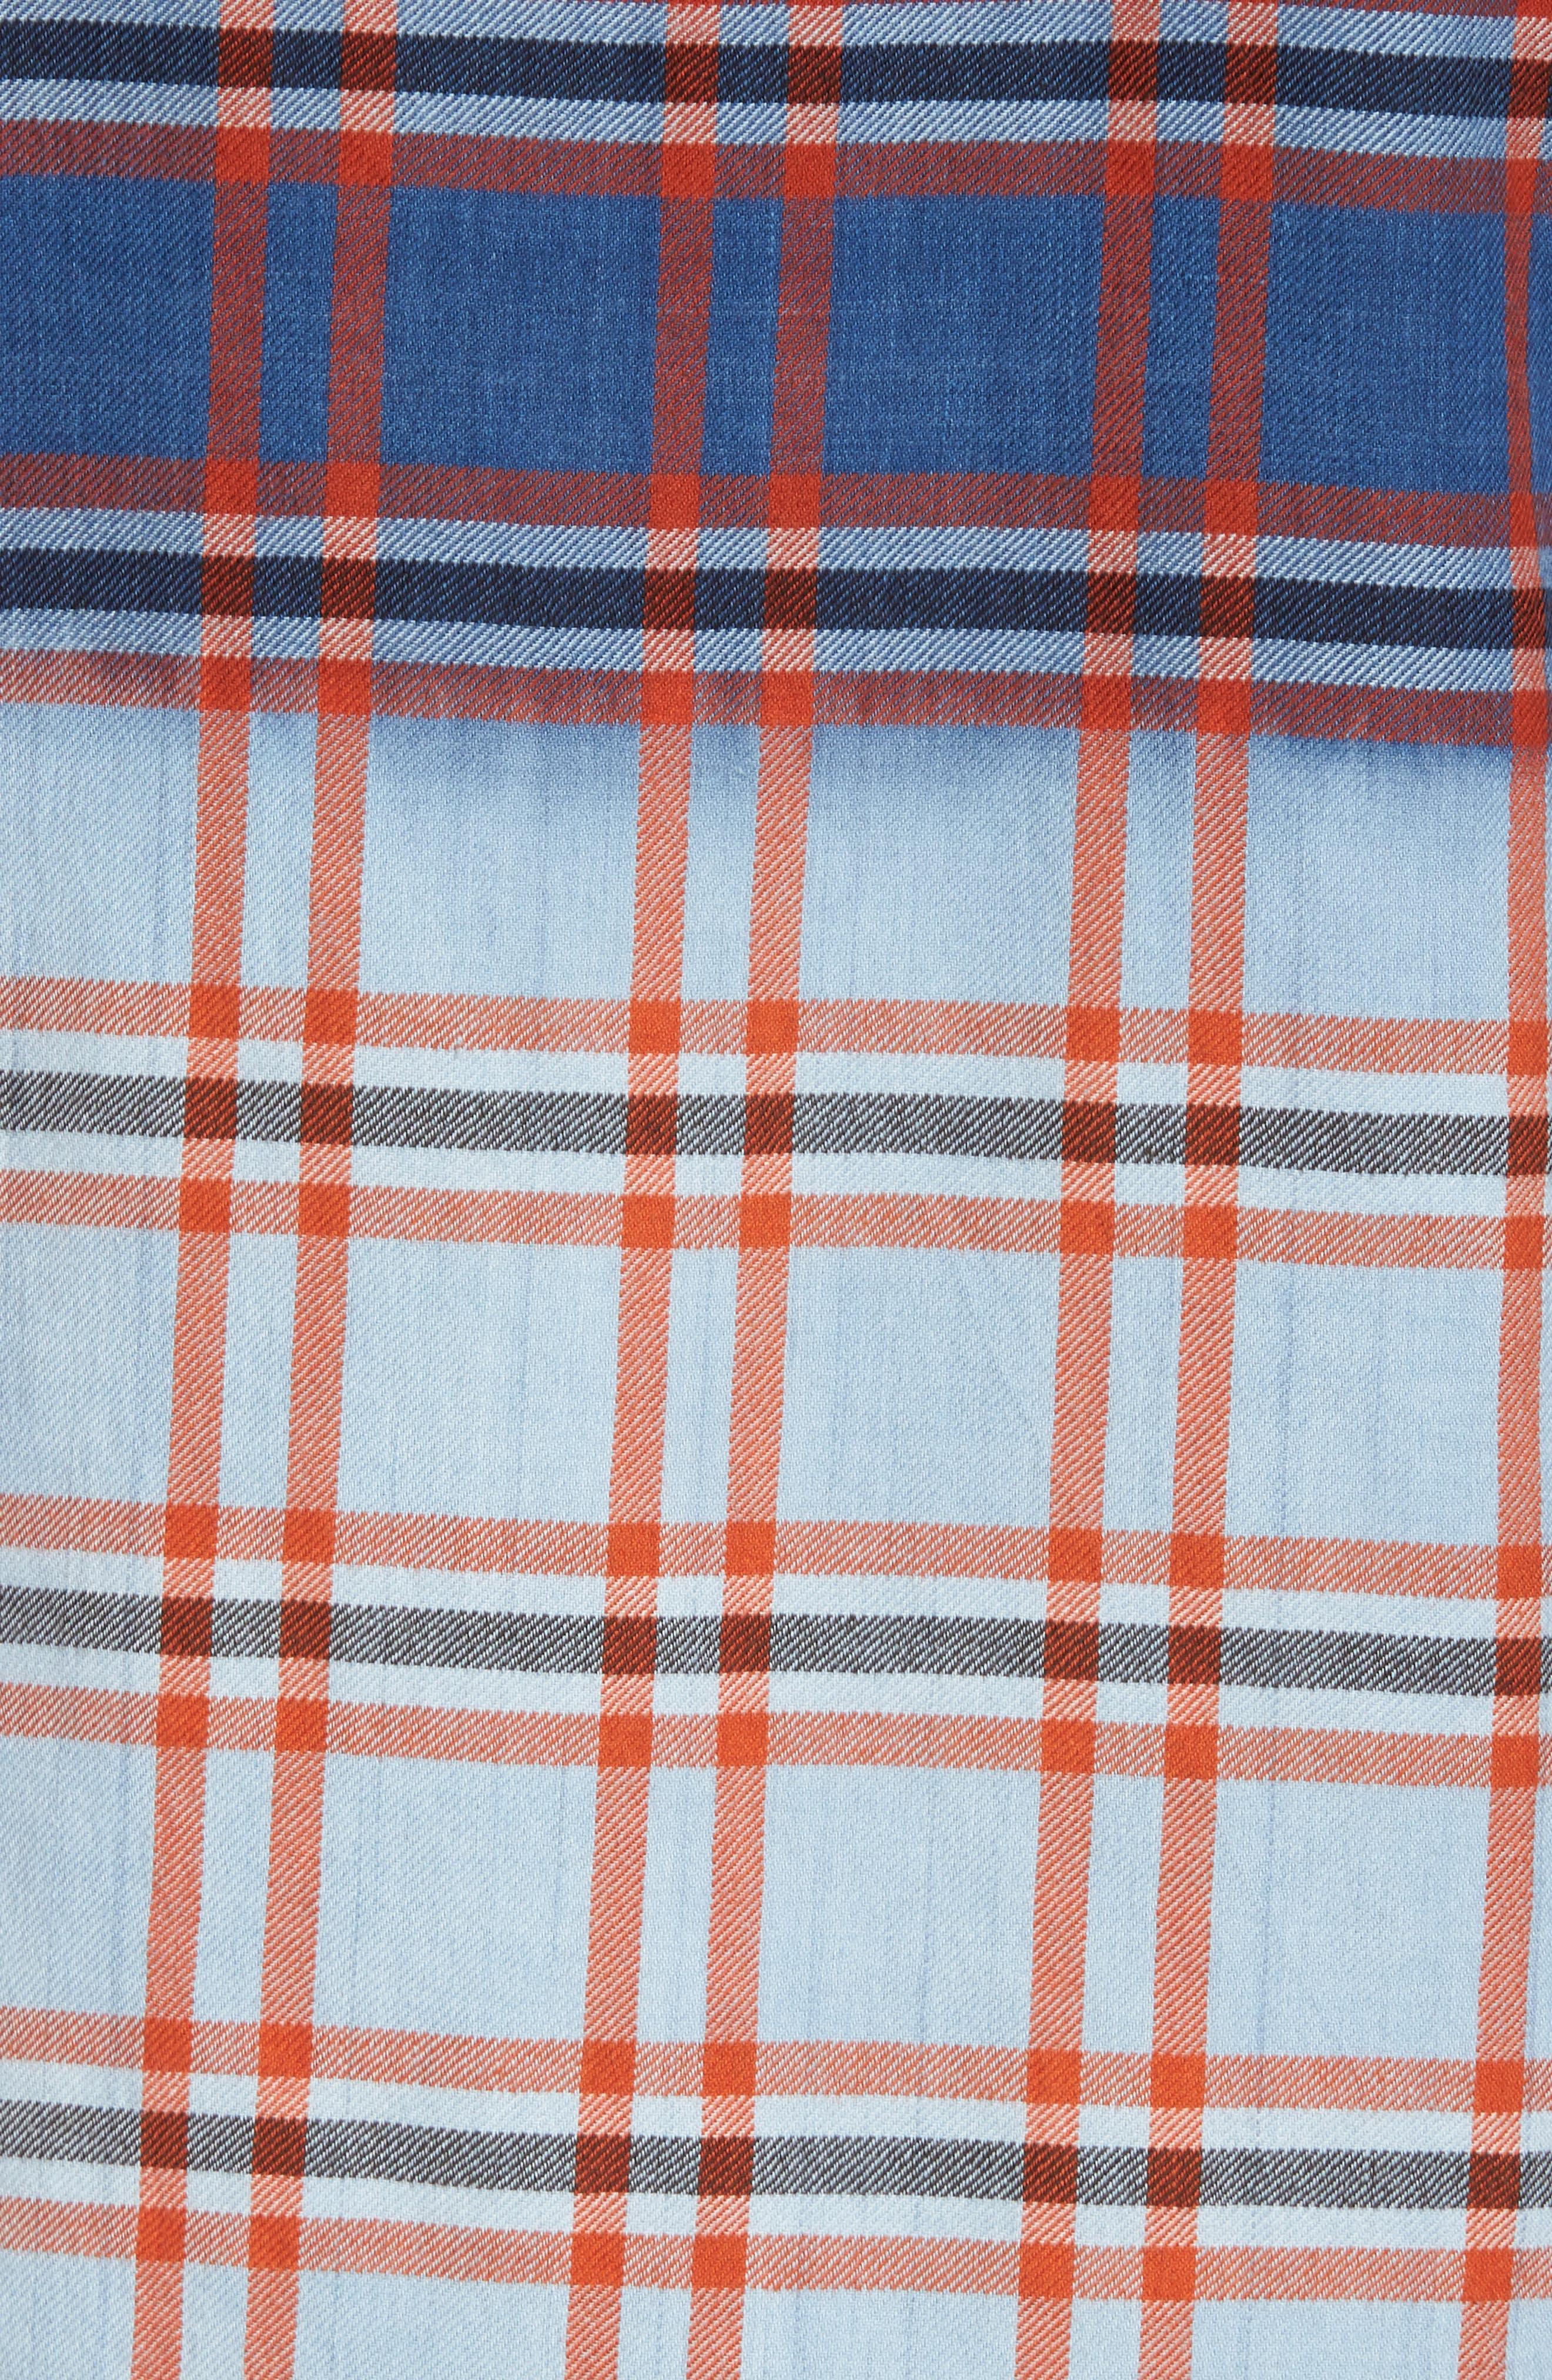 Prismatic Check Woven Shirt,                             Alternate thumbnail 5, color,                             Indigo Bleach